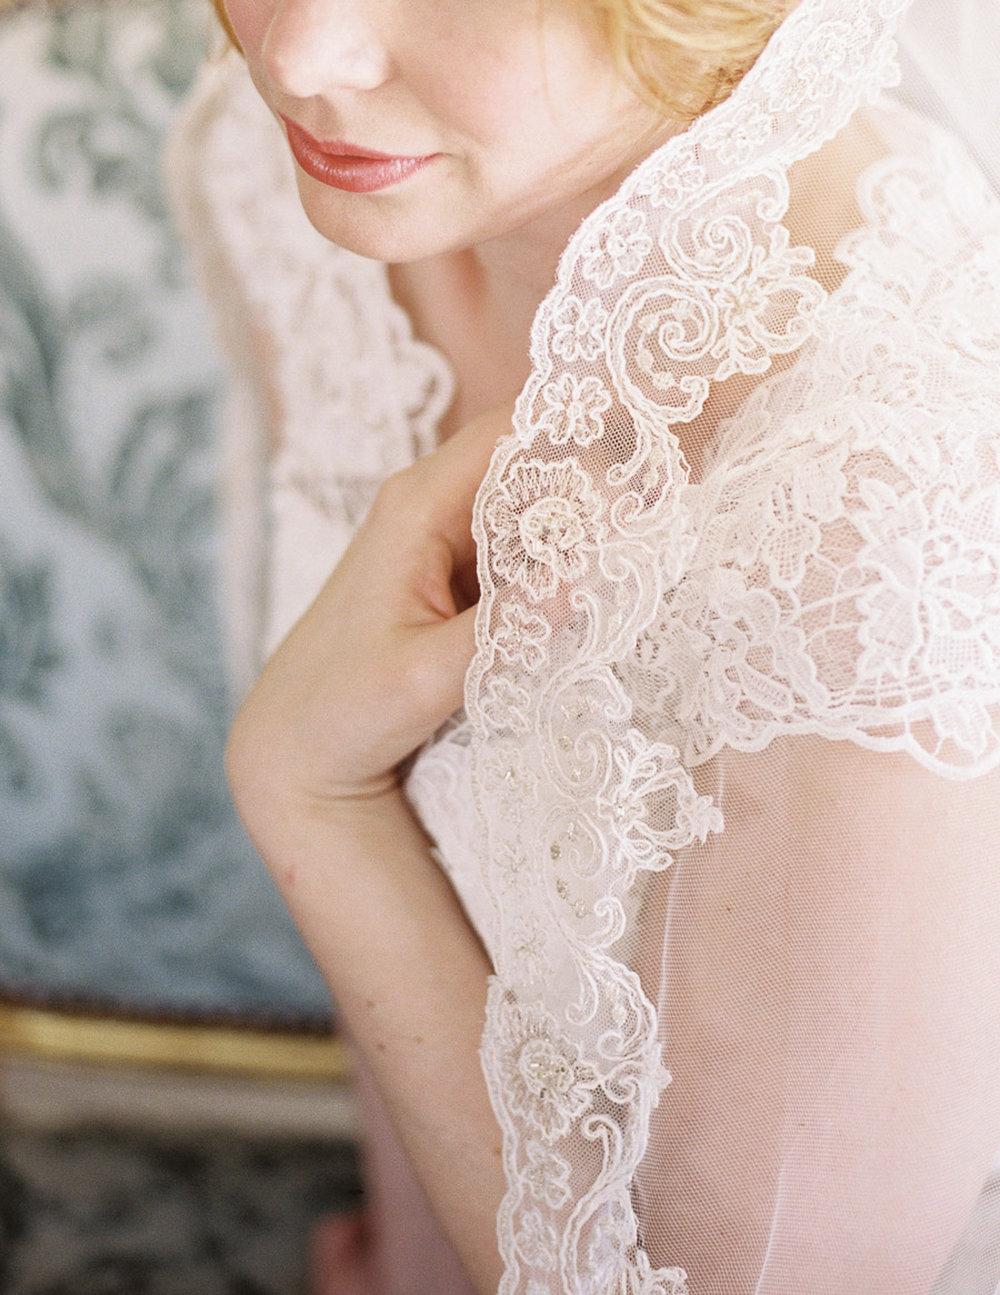 Lara_Lam_Vintage_Heirloom_wedding_photographer_Etablir_shop_vintage_rental90.jpg